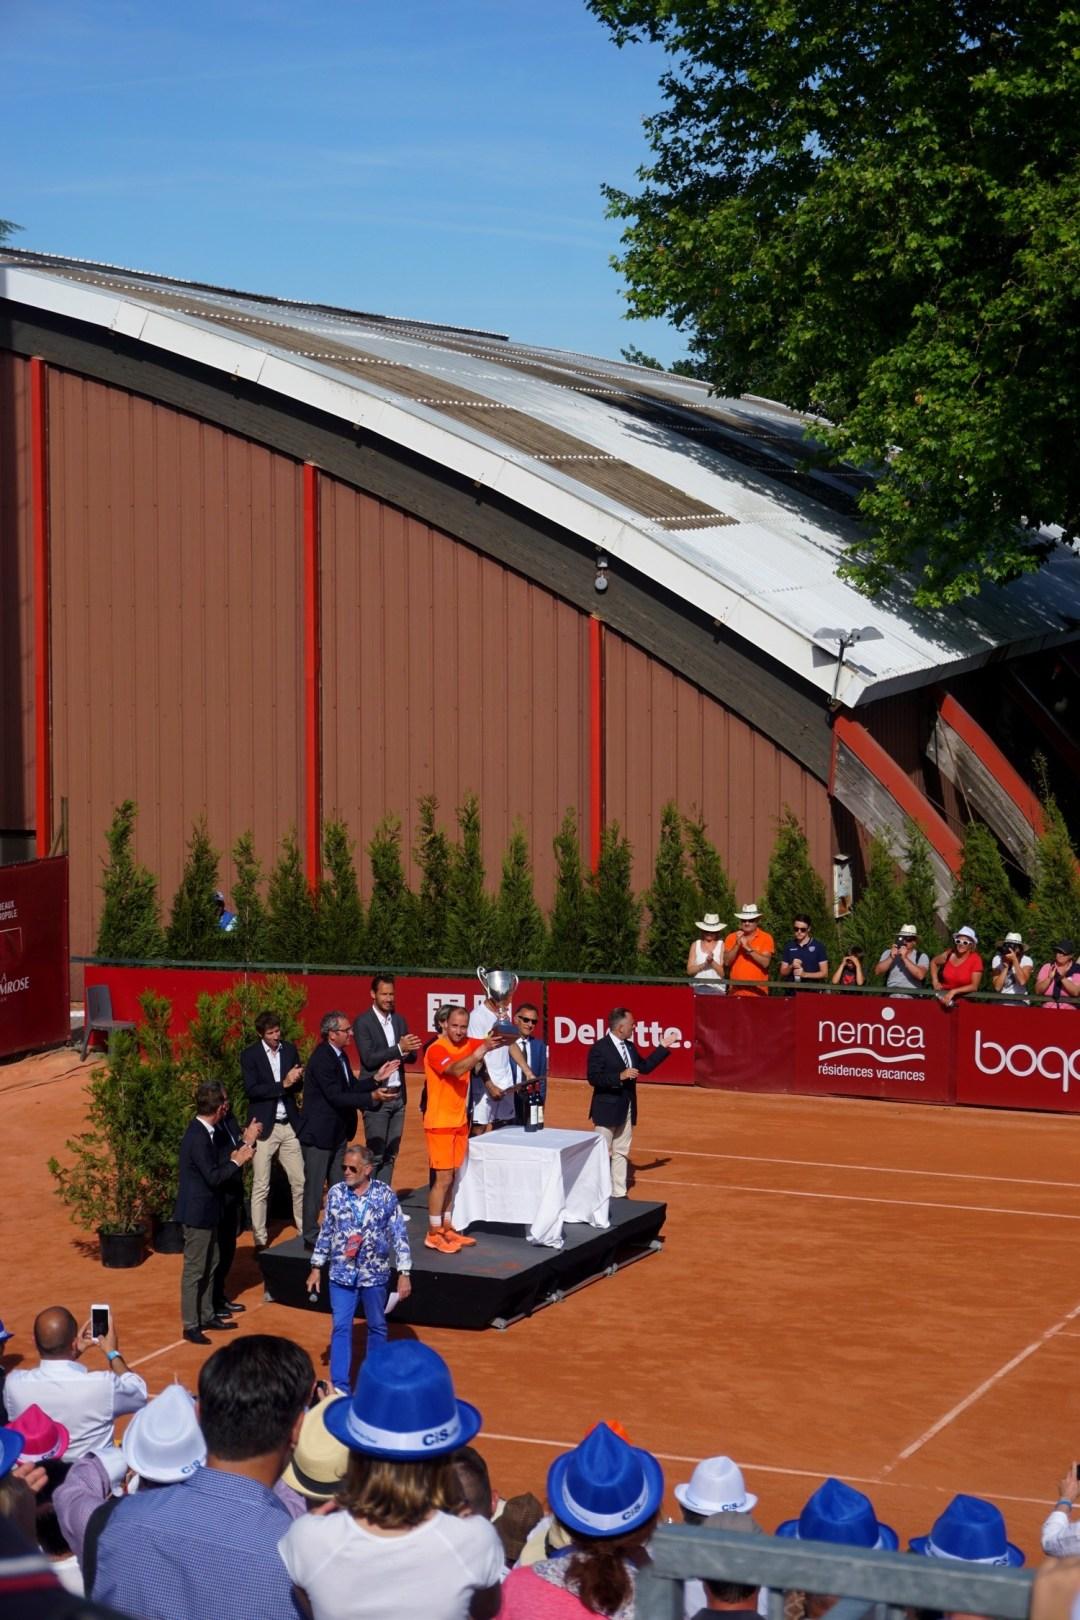 TOURNOIS PRIMROSE BORDEAUX BNP PARIBAS ATP TENNIS 2017 BLOG DU TALON AU CRAMPON 03